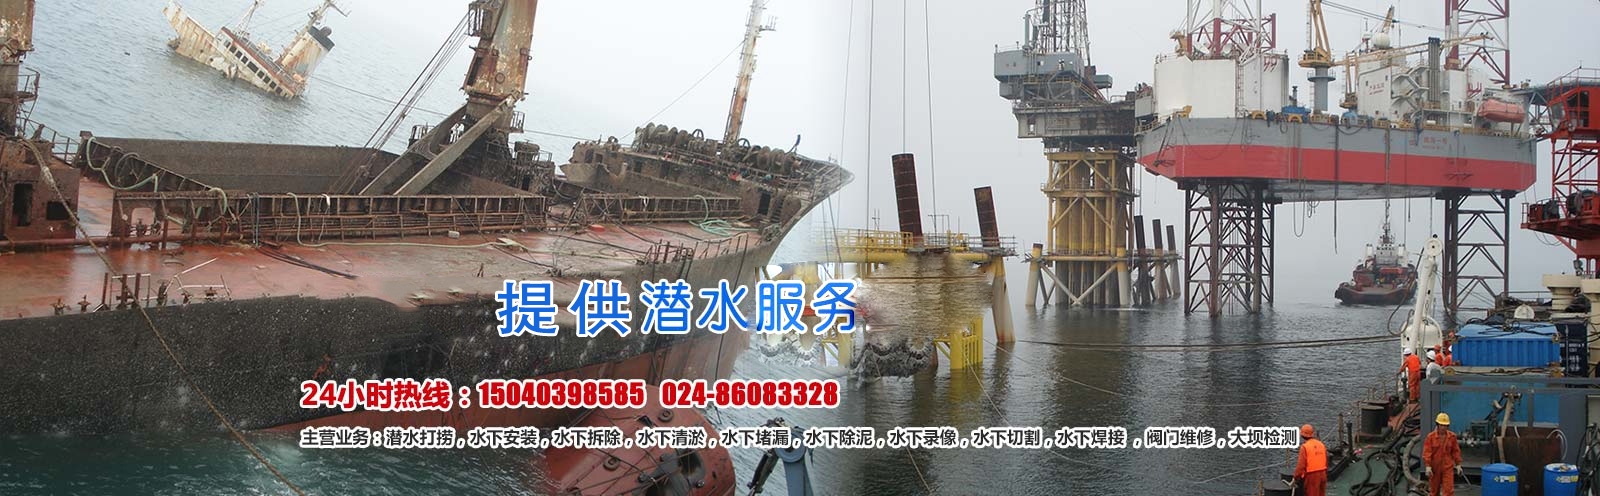 url(http://www.sylongyi.com.cn/upfile/ads/20160930155330-86015941528603440.jpg)